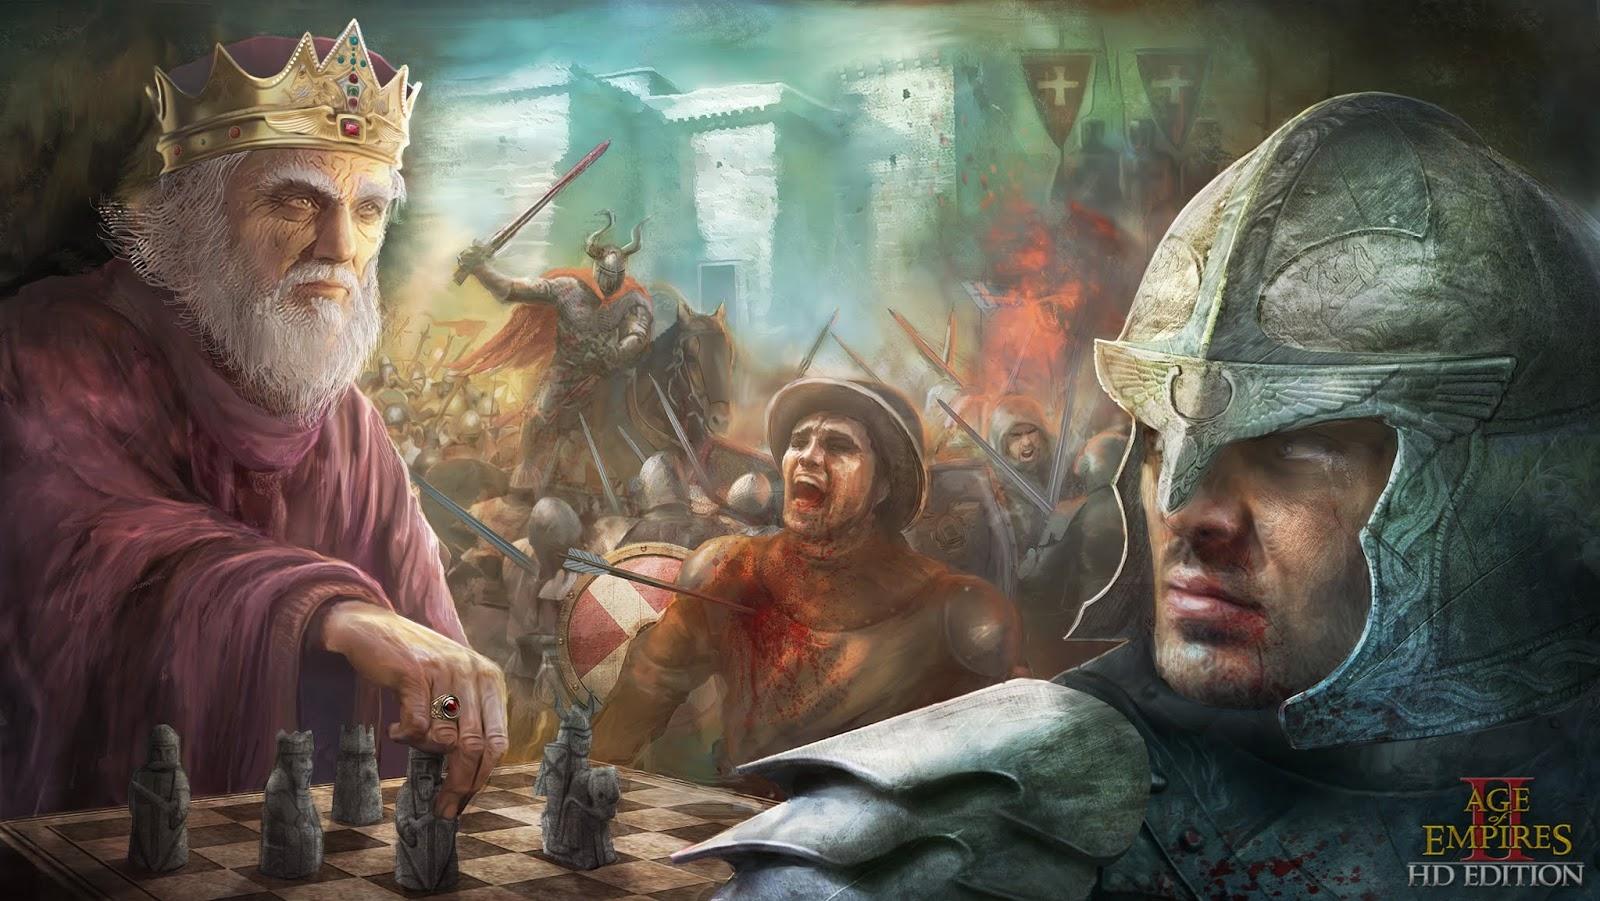 تحميل لعبة age of empires 2 كاملة من ميديا فاير